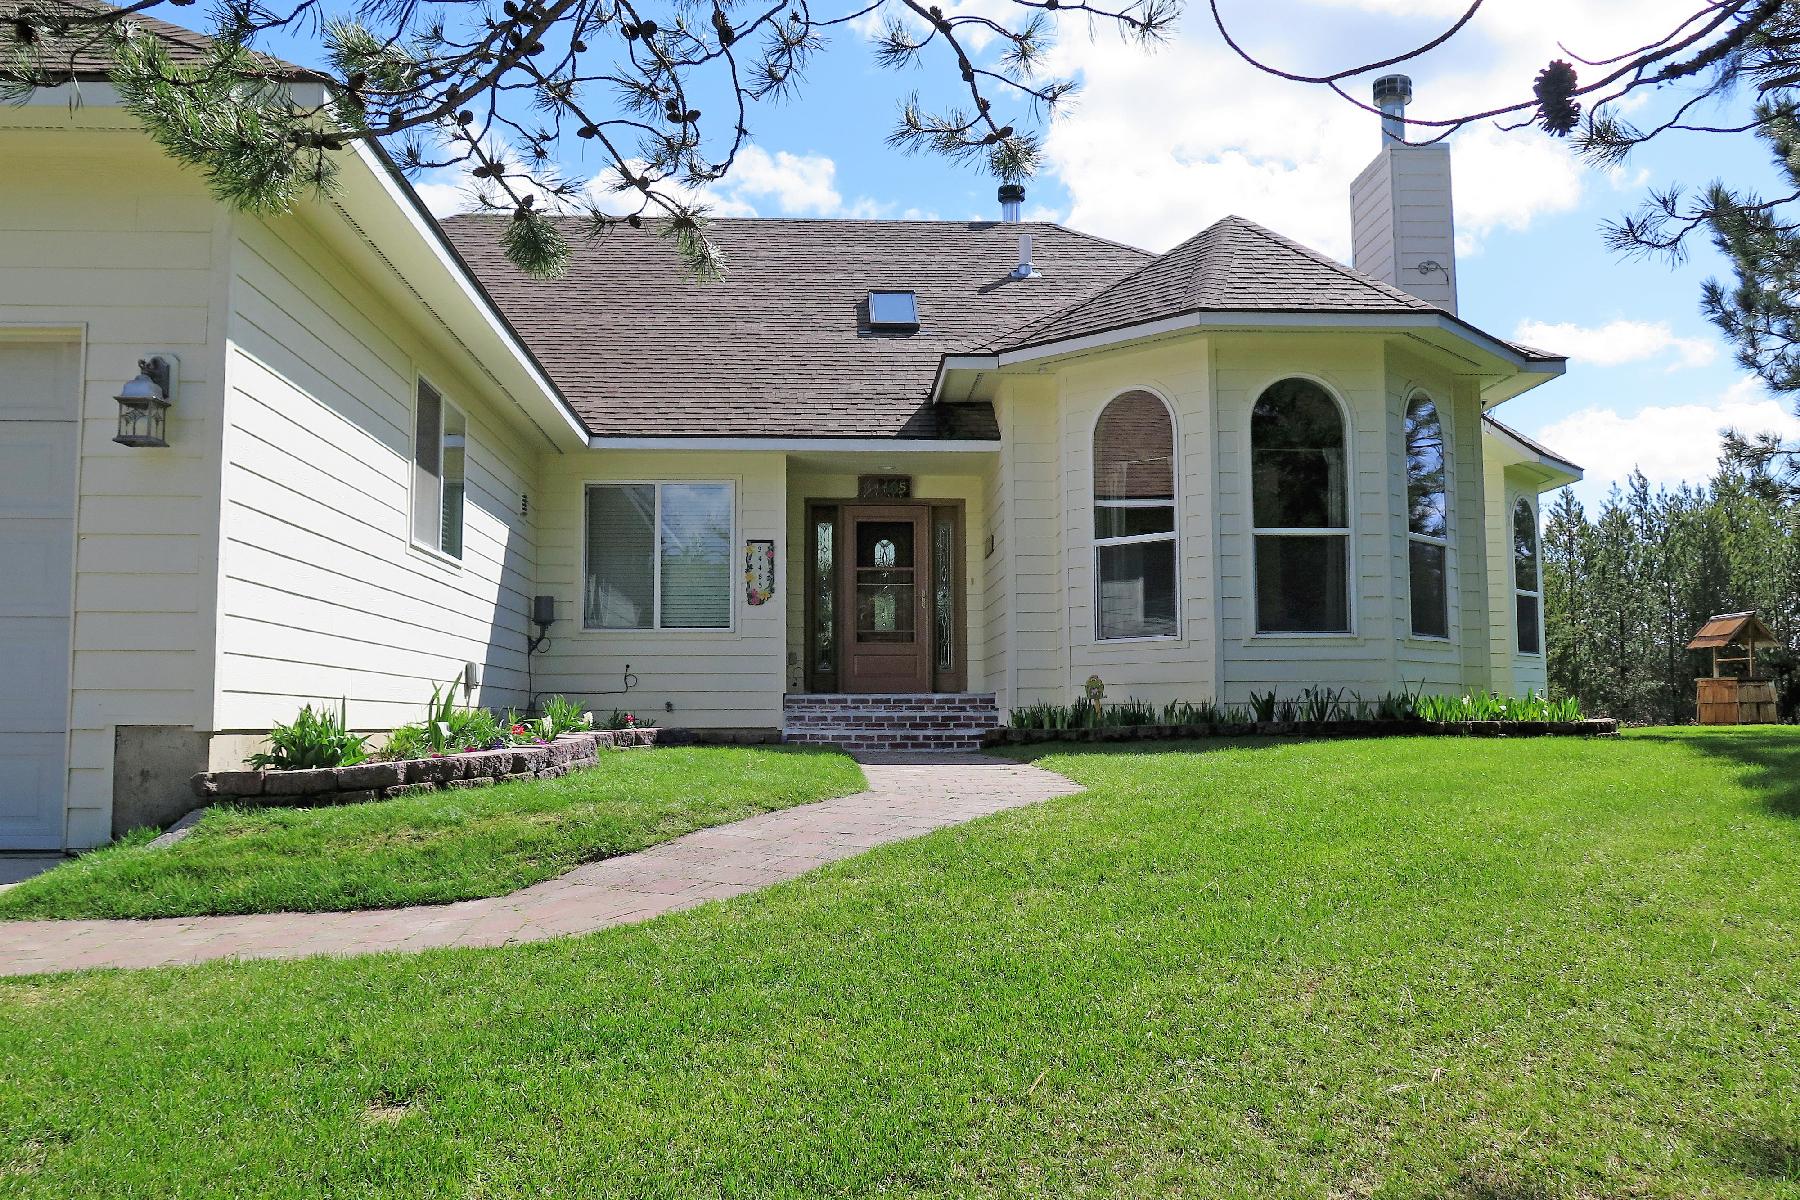 단독 가정 주택 용 매매 에 Gorgeous Home On 10.8 Acres 34485 N Kelso Dr Spirit Lake, 아이다호, 83869 미국